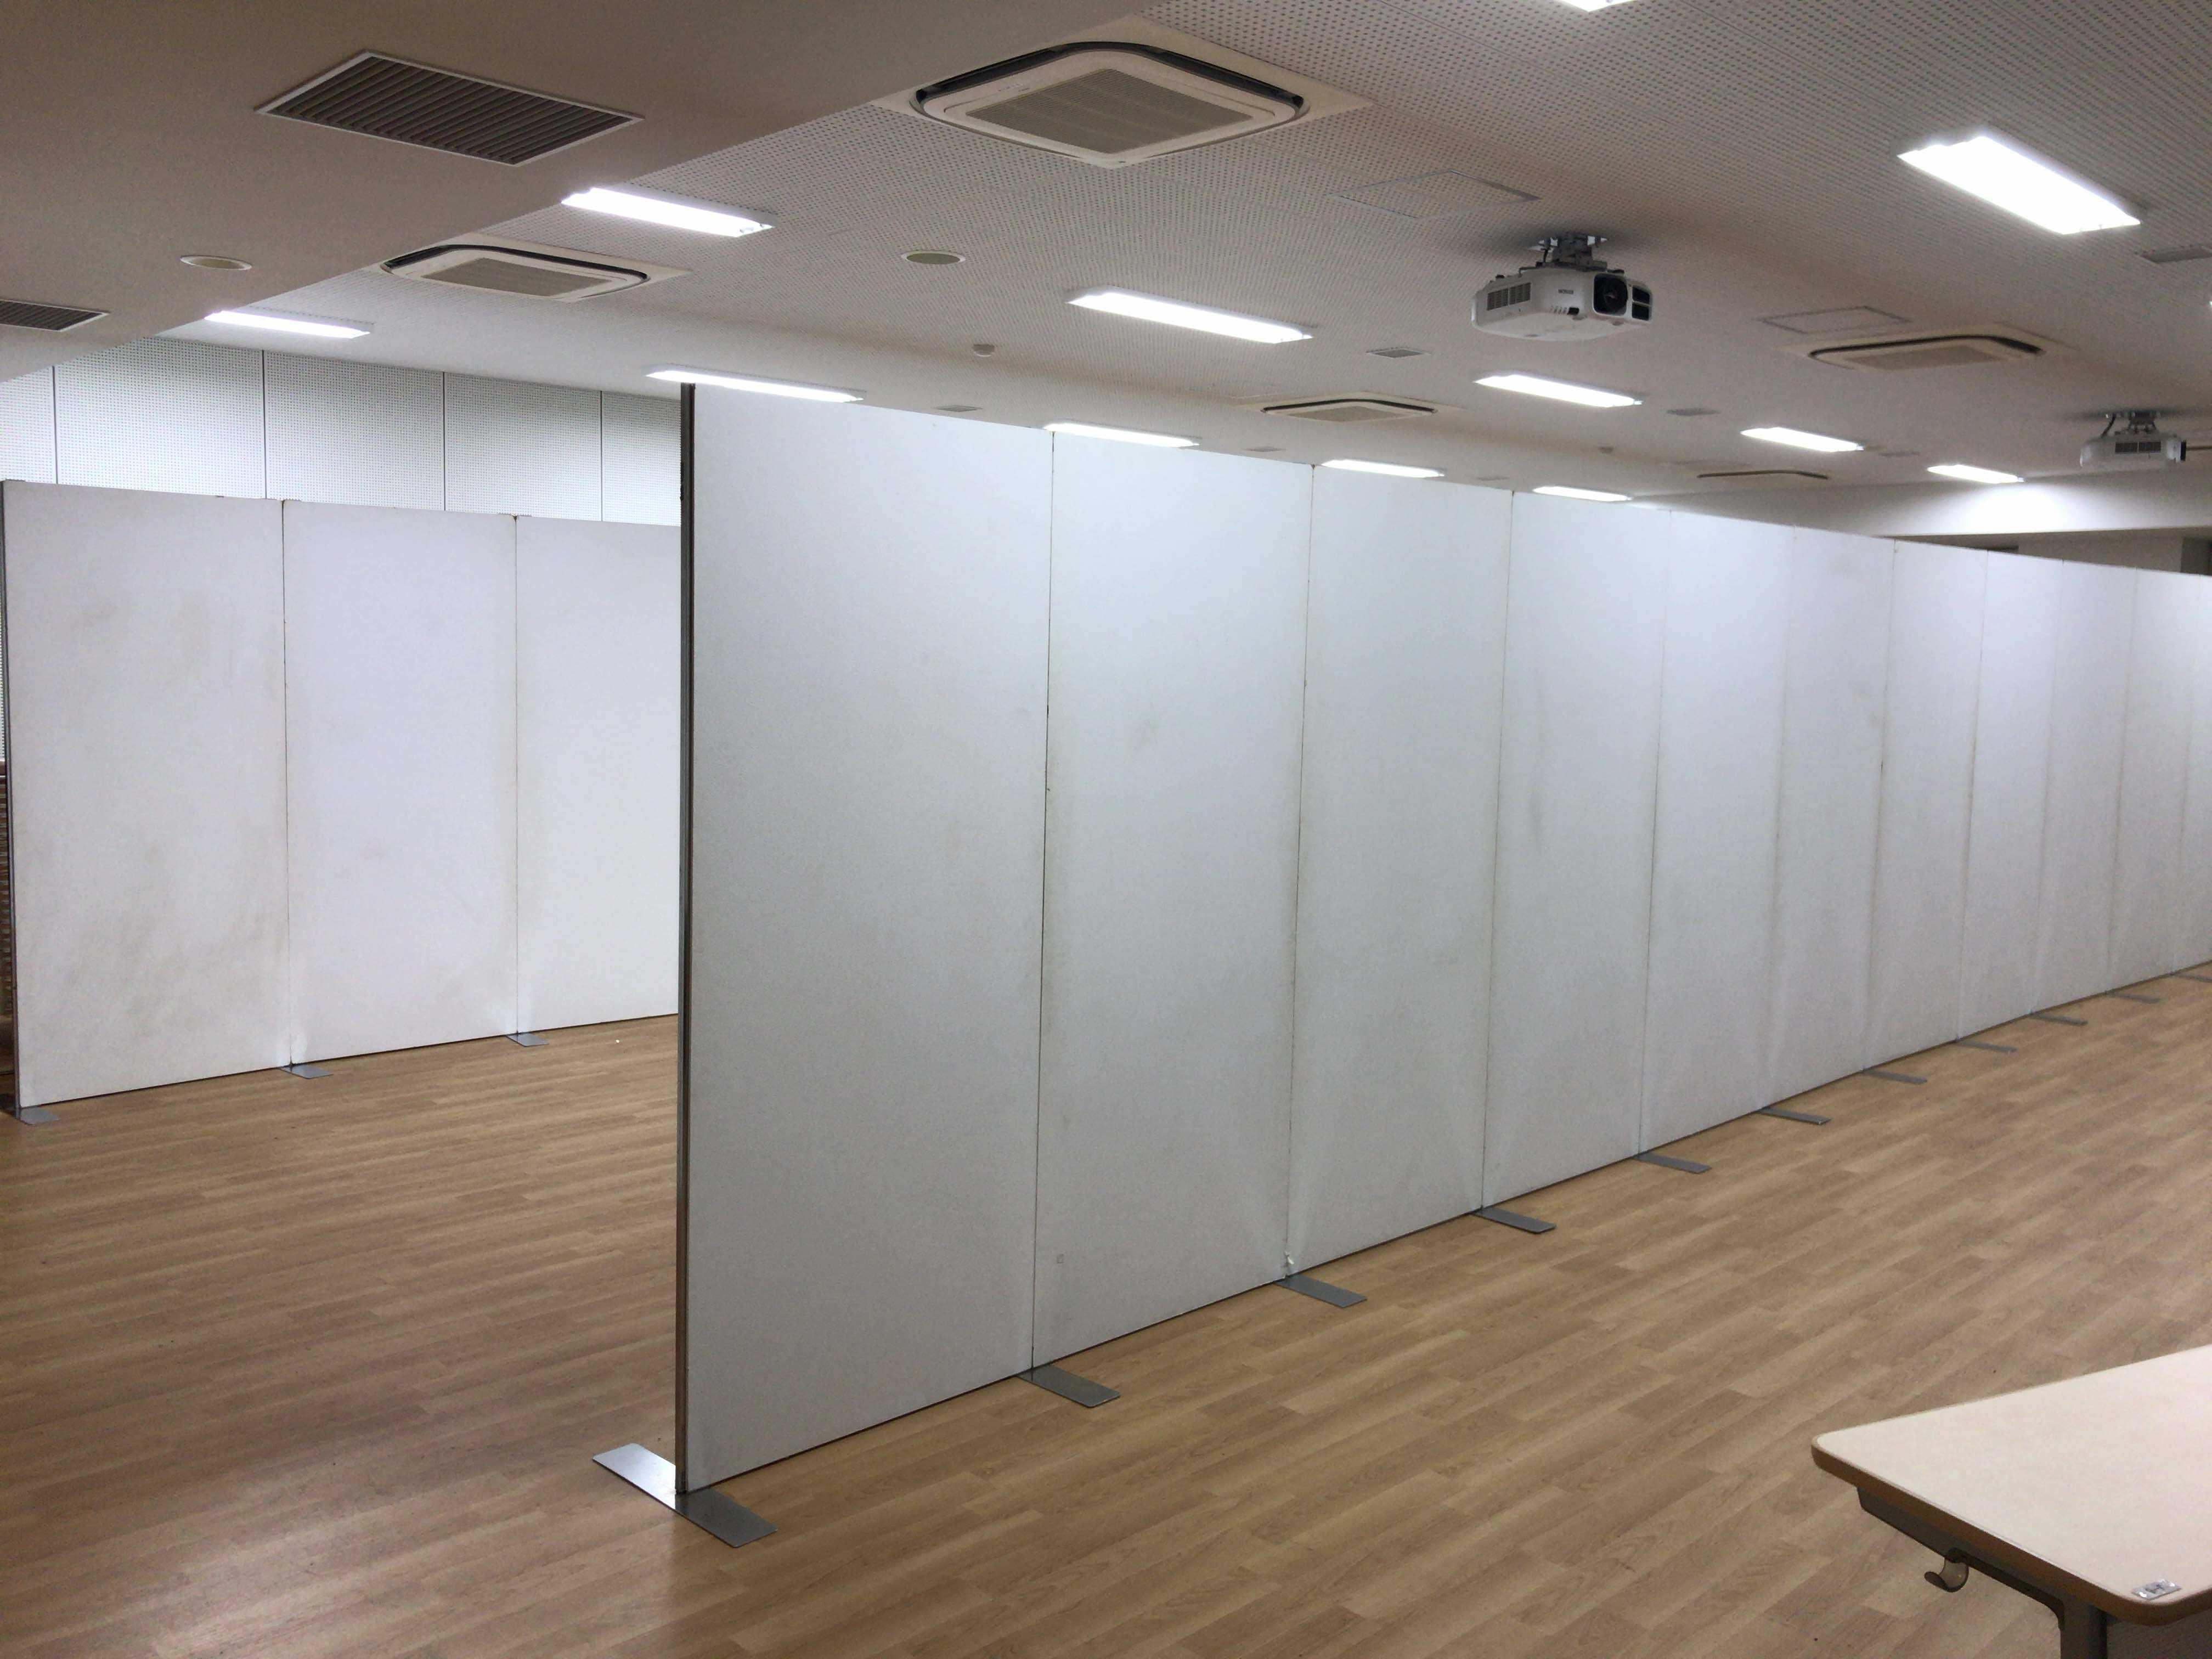 画鋲使用可能パネルなら神奈川イベント会社